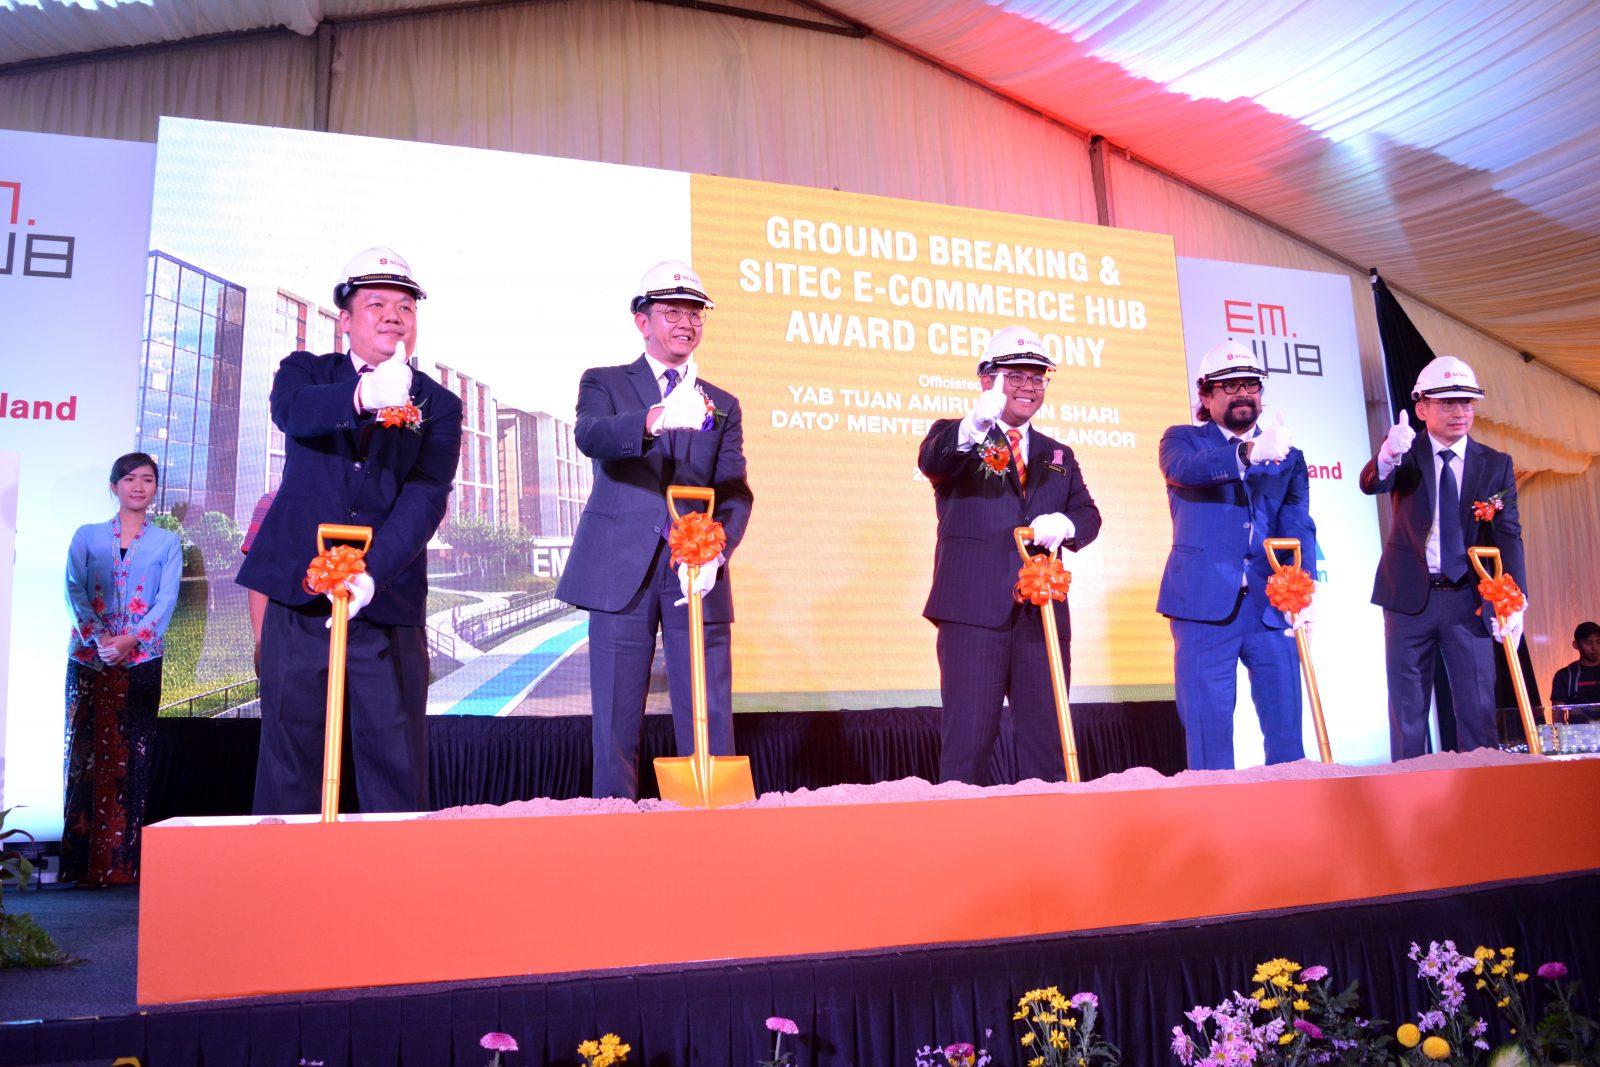 SCland发展有限公司将在哥打白沙罗设立EMHub——全国首个拥有一流基础设施、陈列室、配送中心、零售空间的一站式电商中心,而这将促进电商生态系统及履行人才发展的承诺。